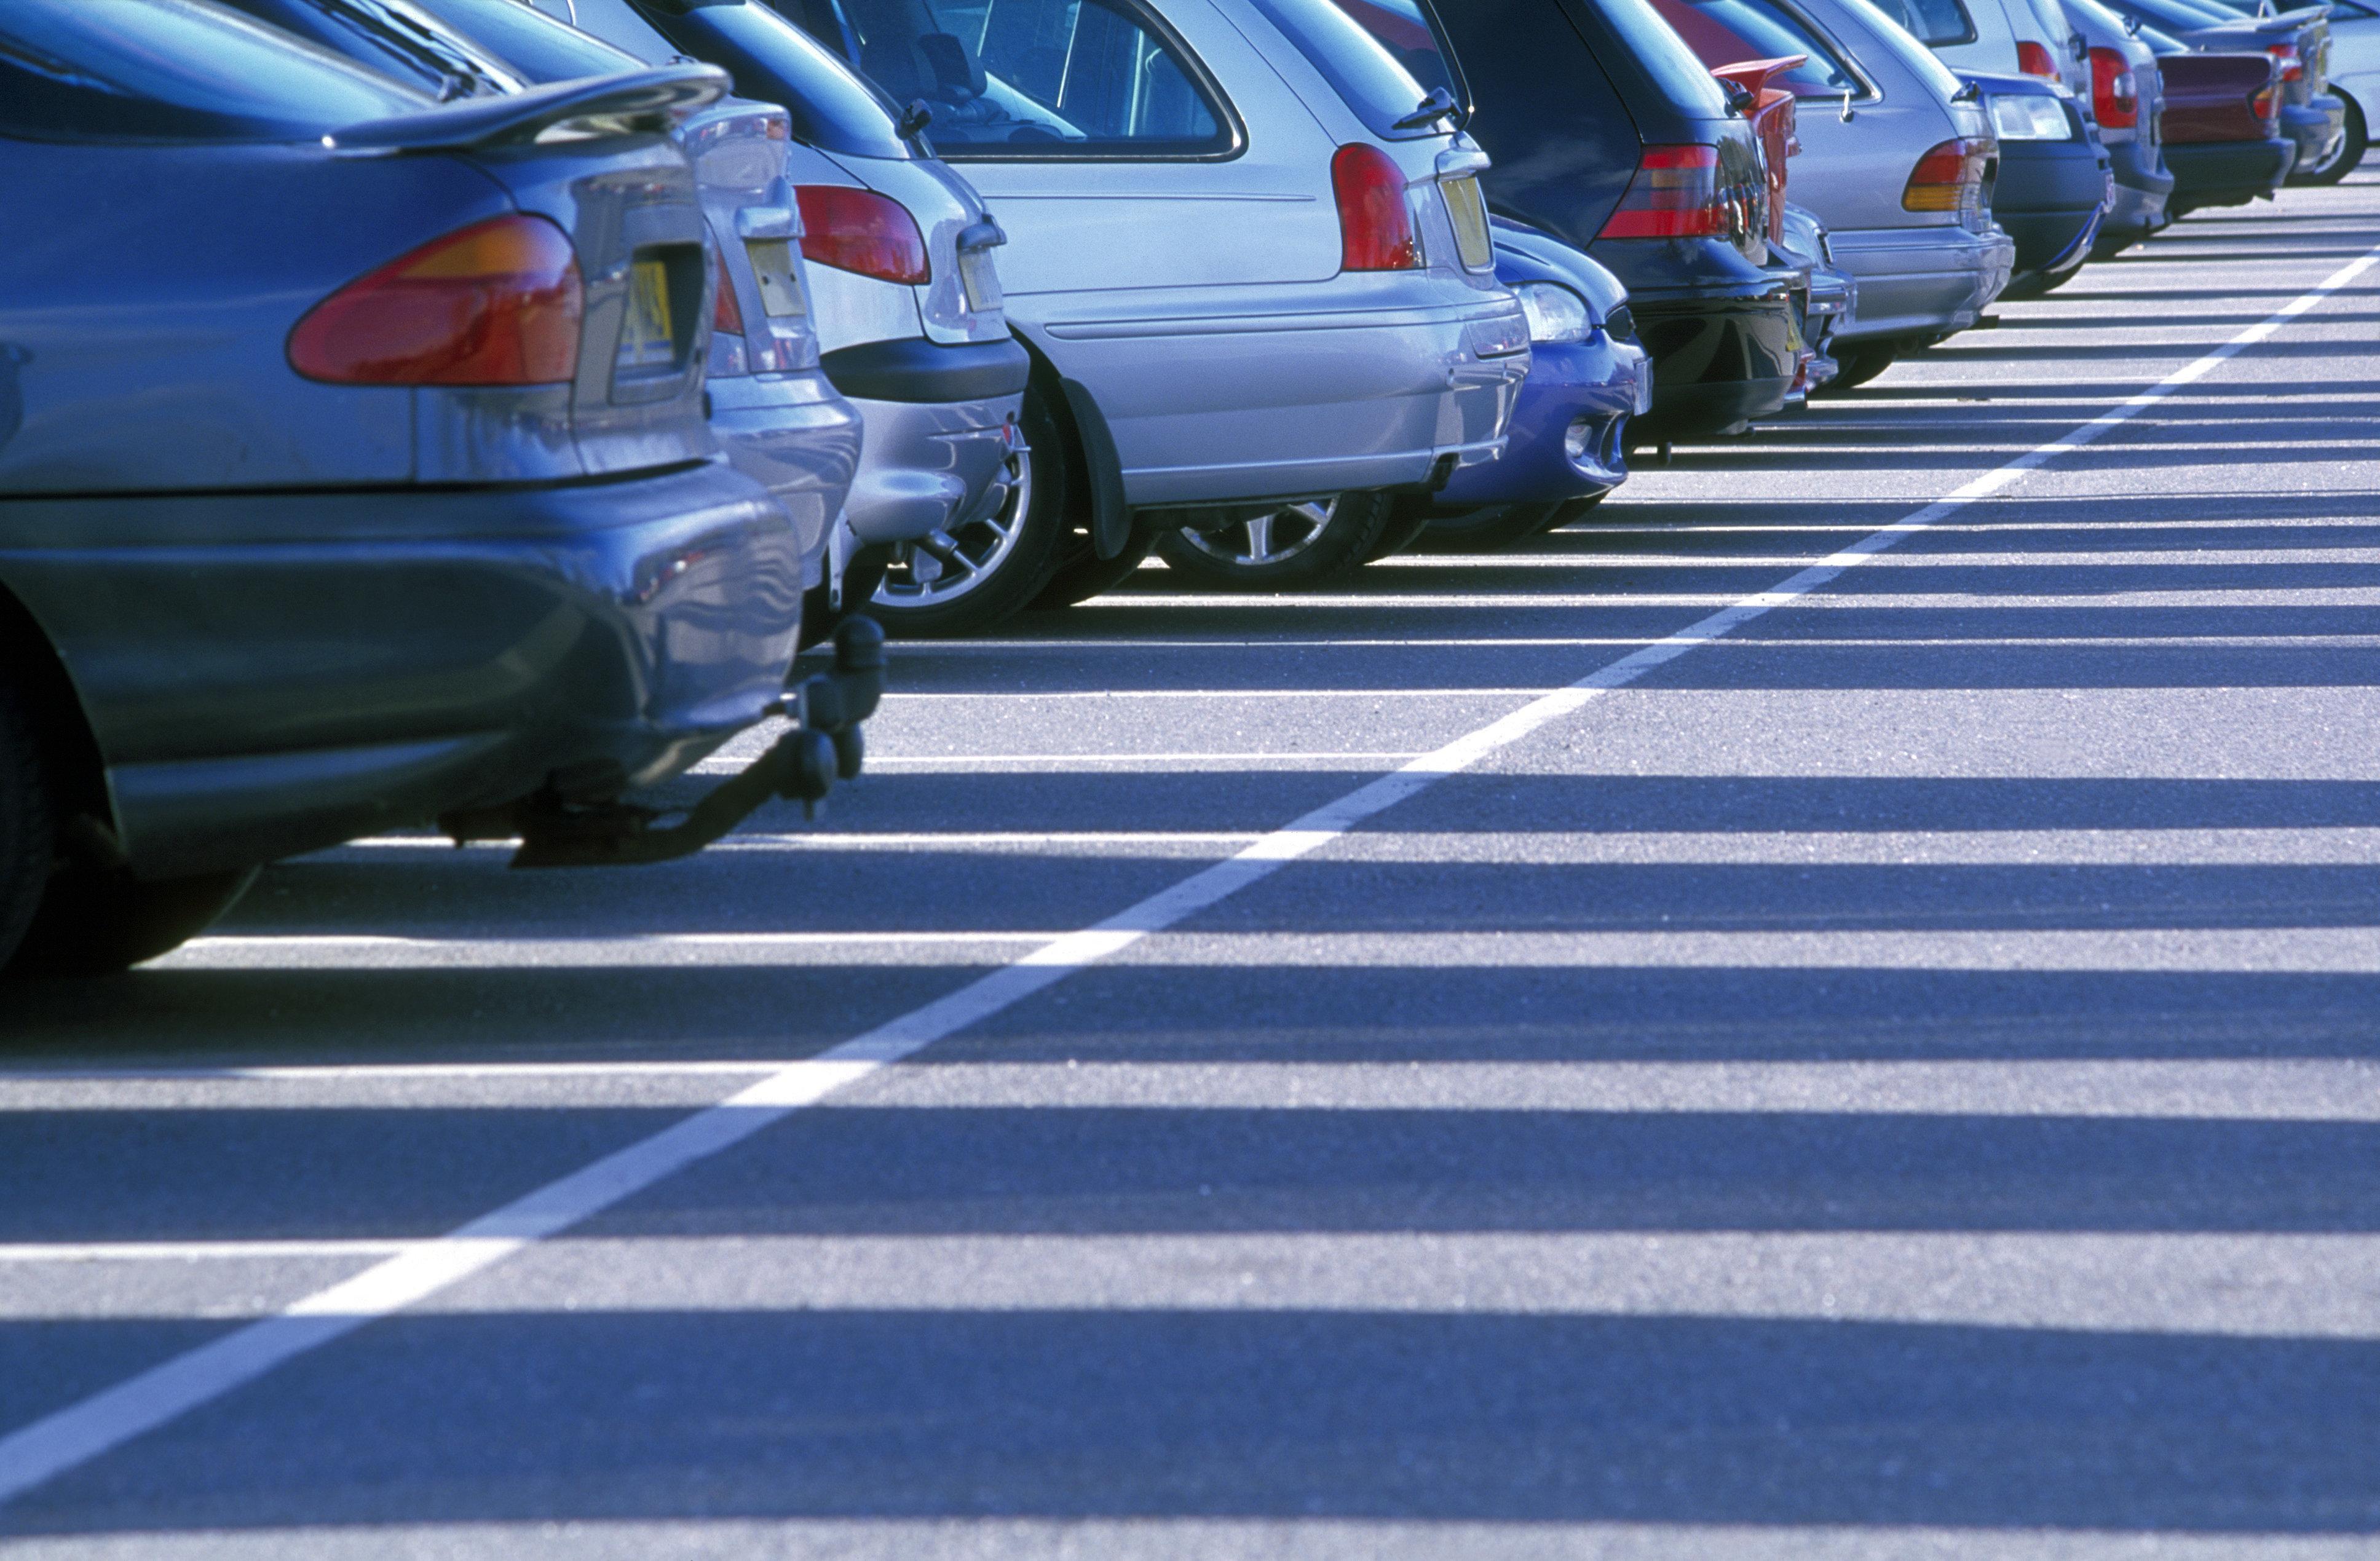 Fremder parkt jeden Tag auf seinem Parkplatz – mit einem genialen Trick wird er ihn für immer